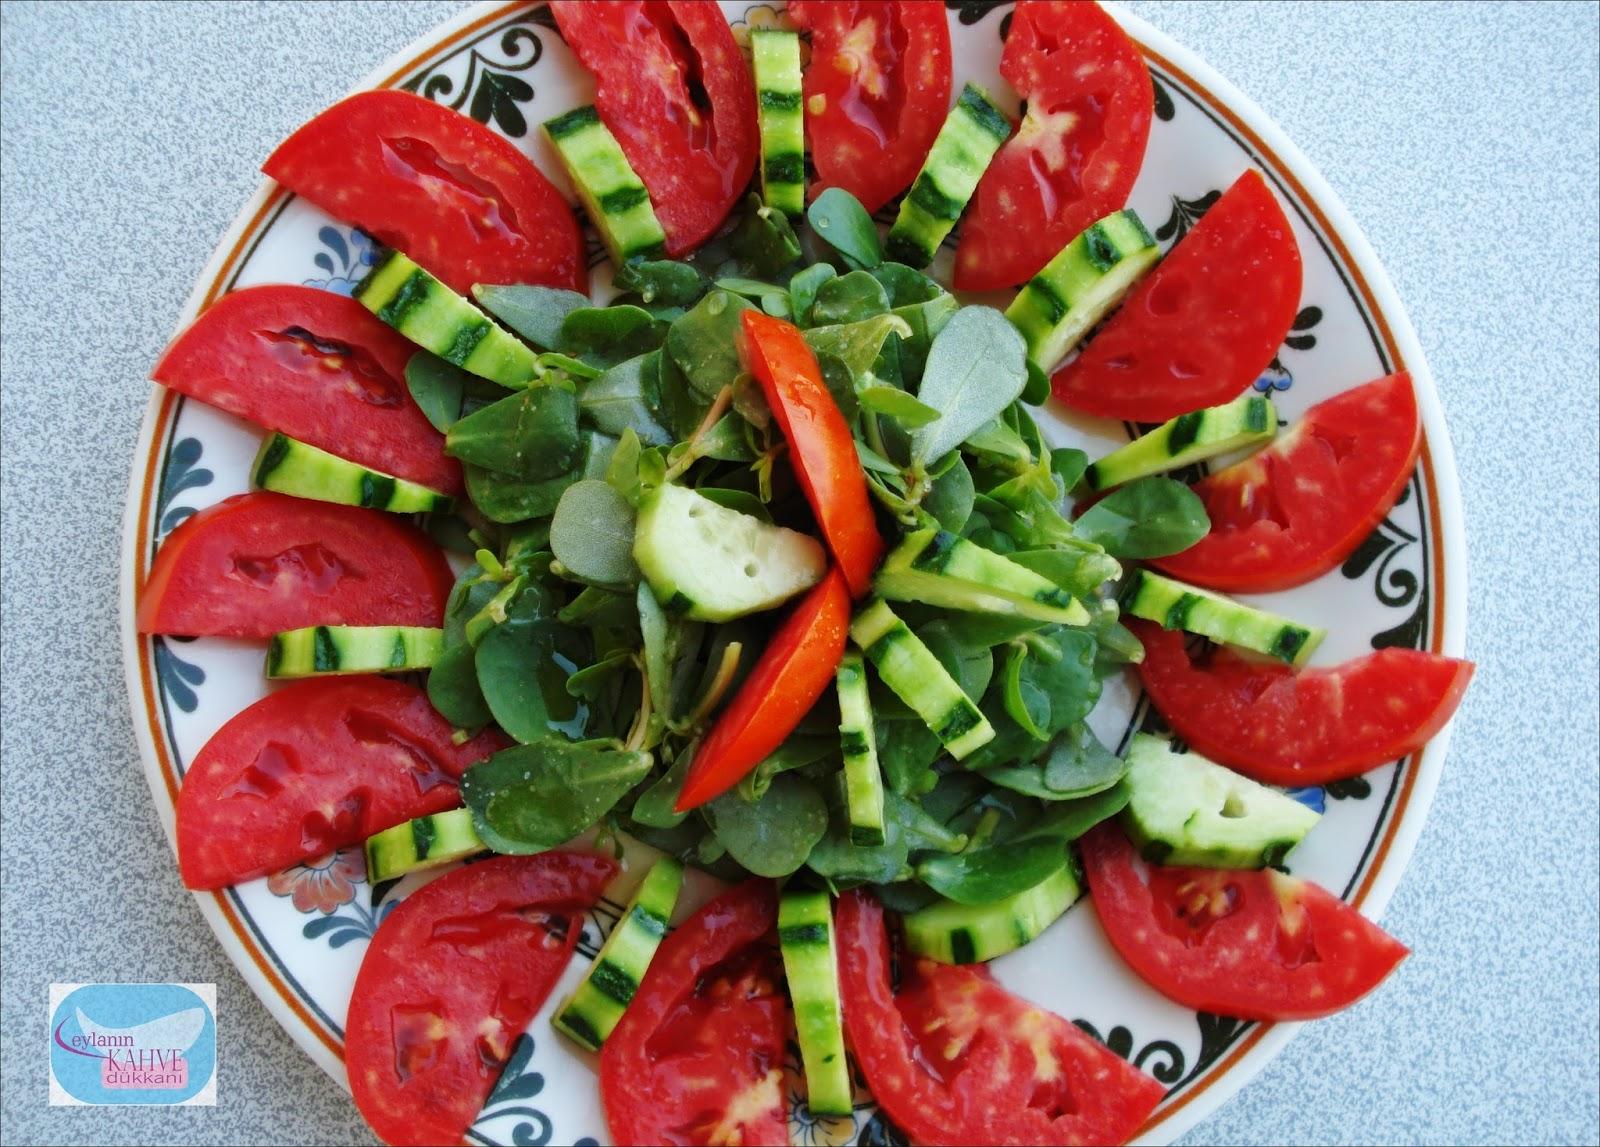 Ekşili Semizotu Salatası Tarifi